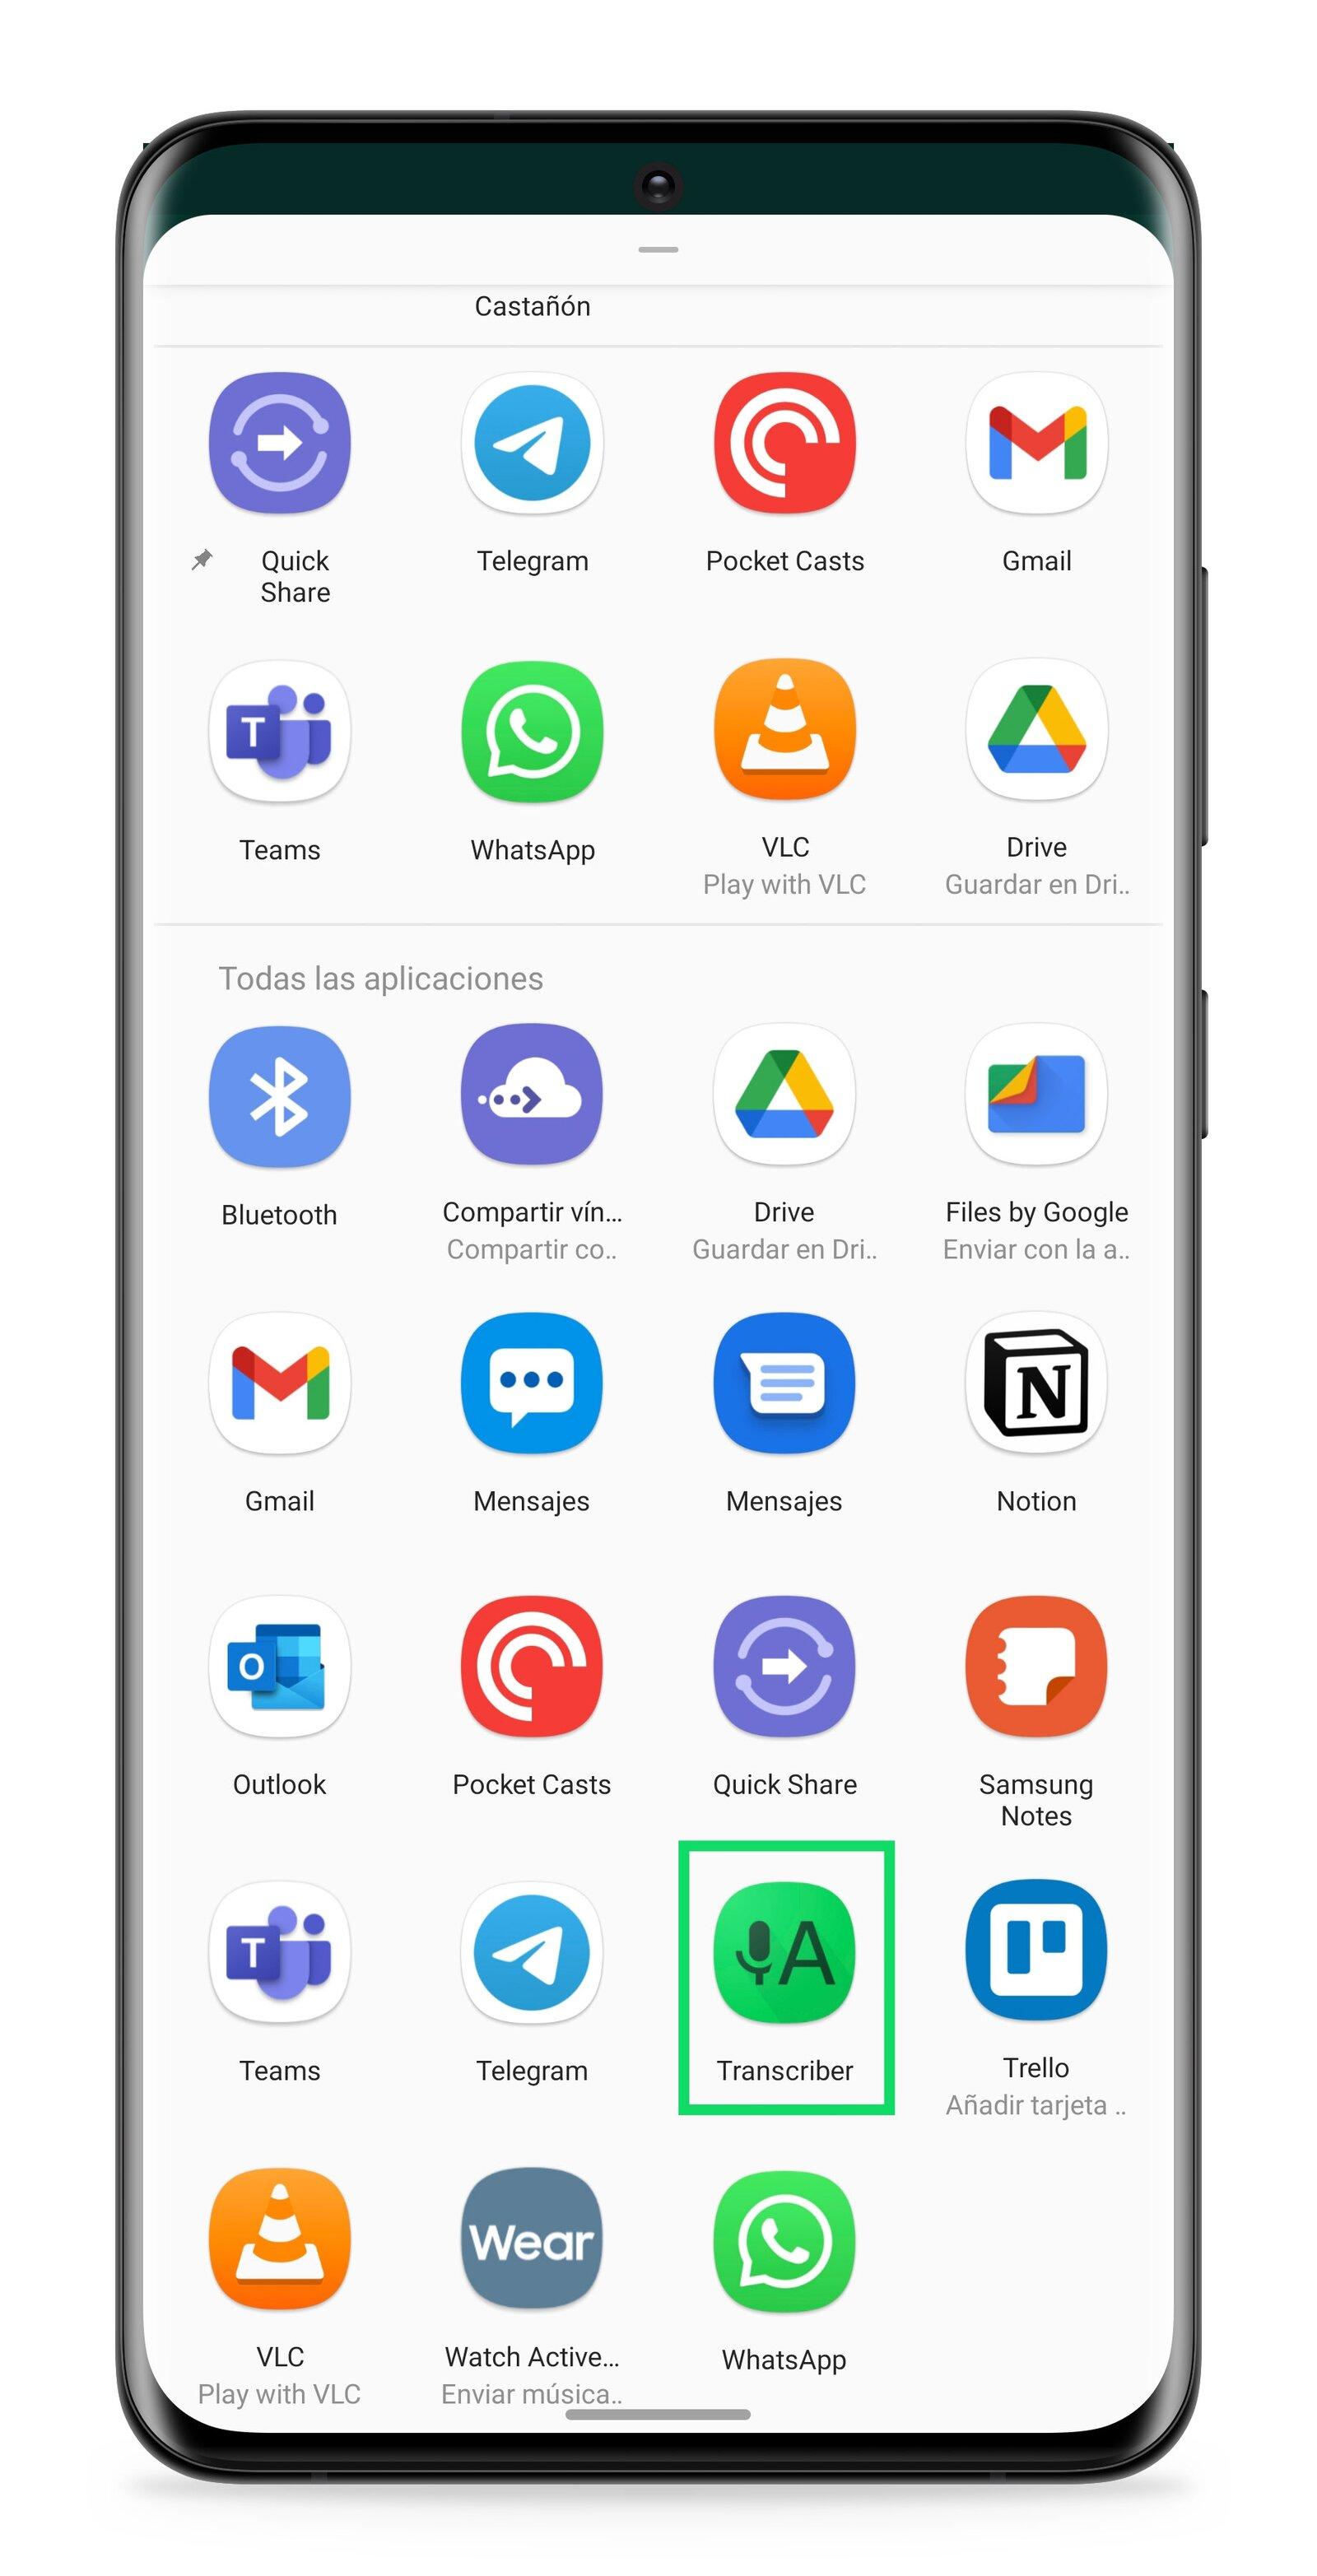 Comment convertir des audios WhatsApp en texte: toutes les façons